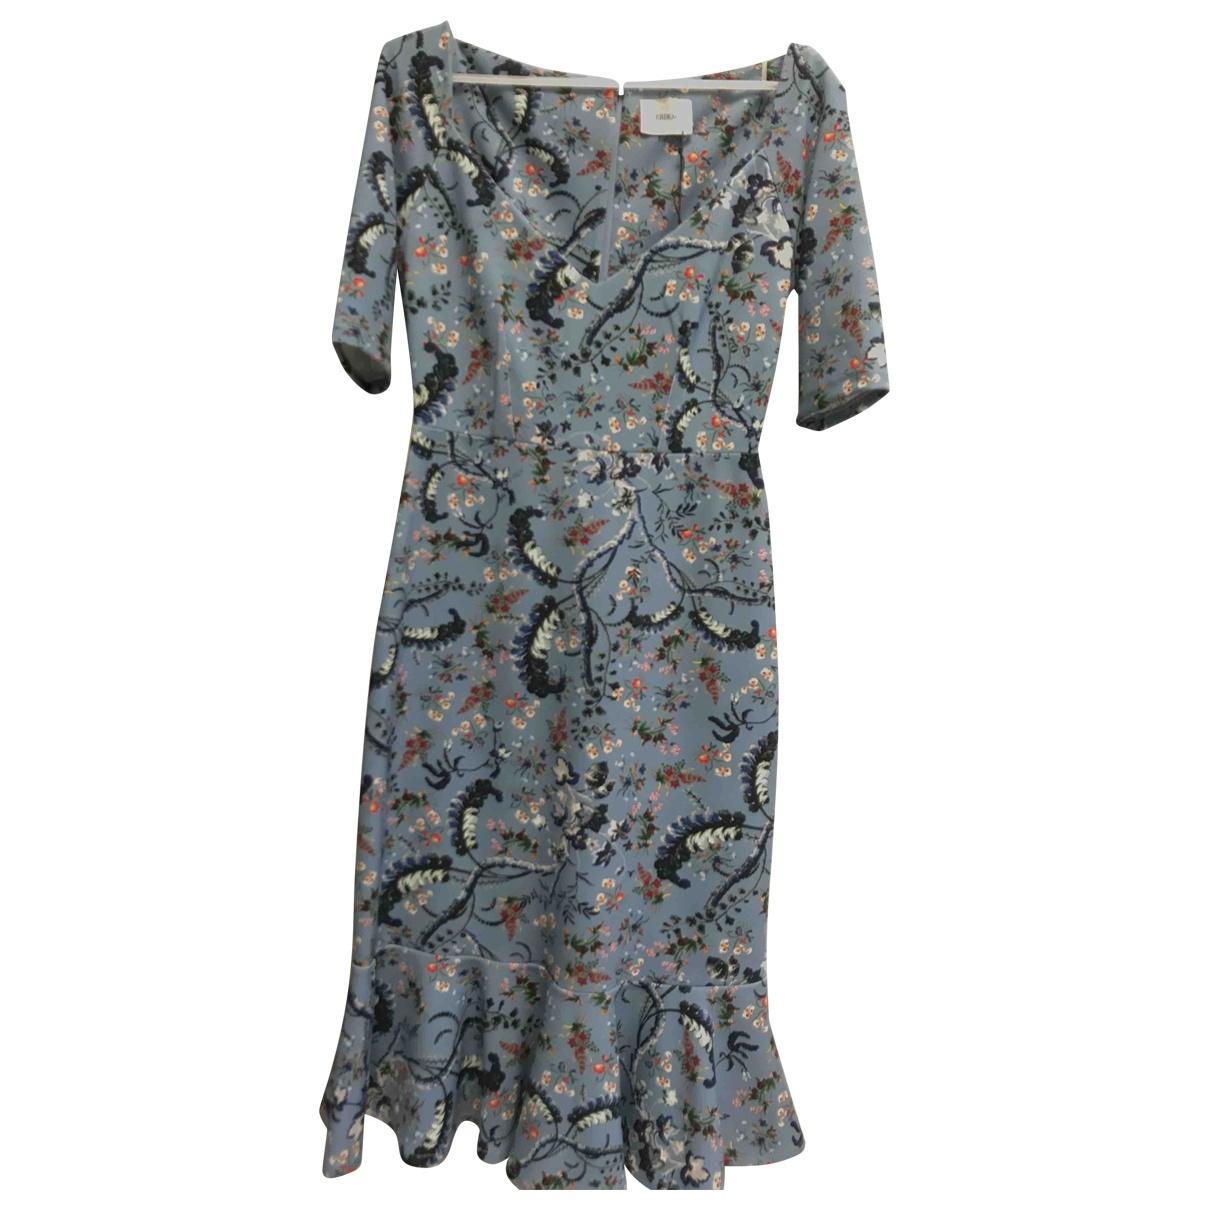 Erdem \N Blue dress for Women 10 UK